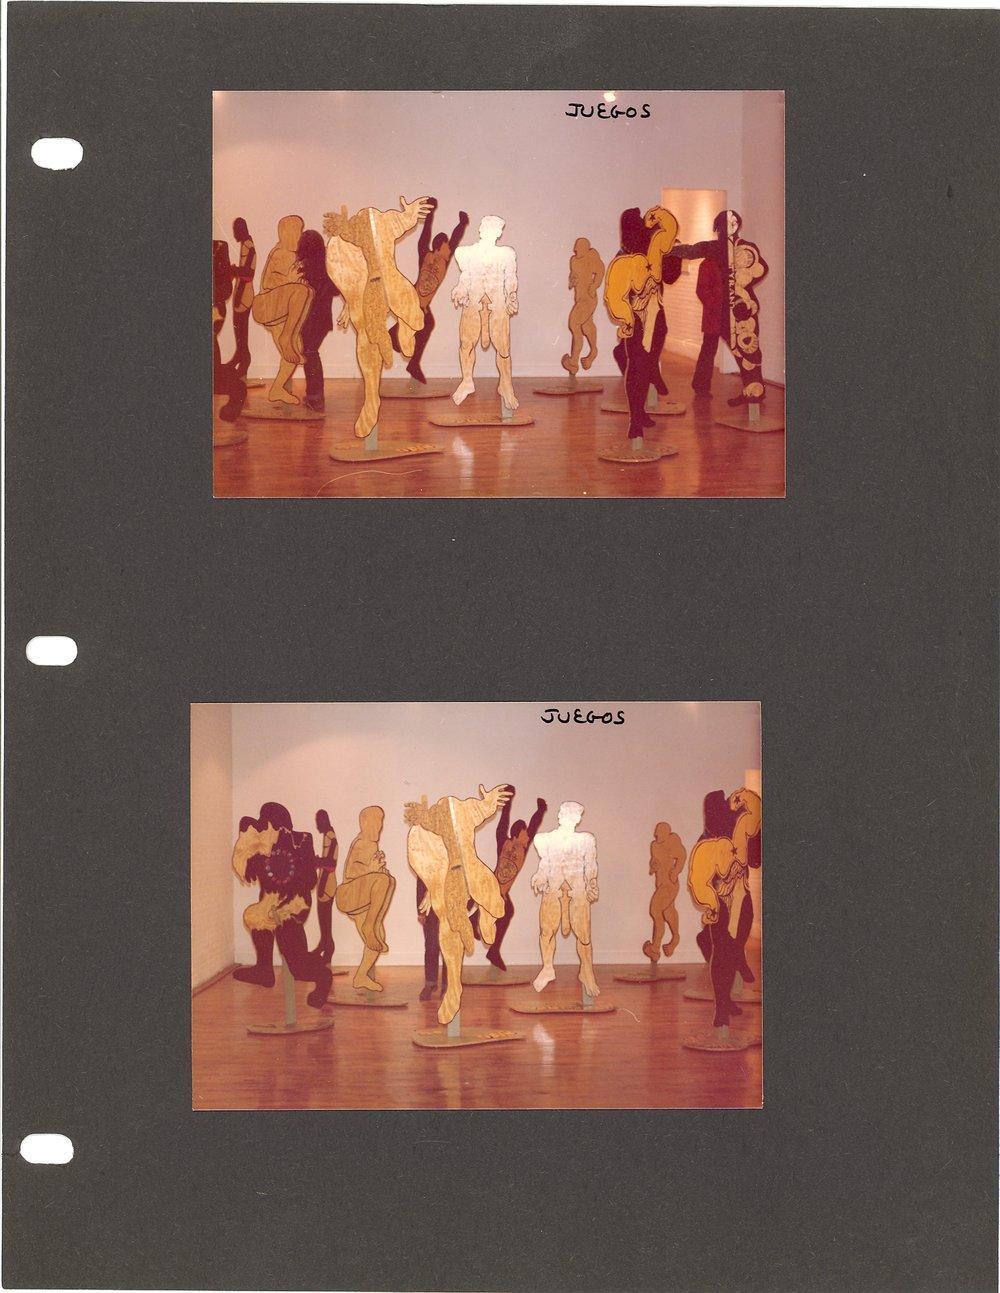 Juegos - Panels 1.jpg